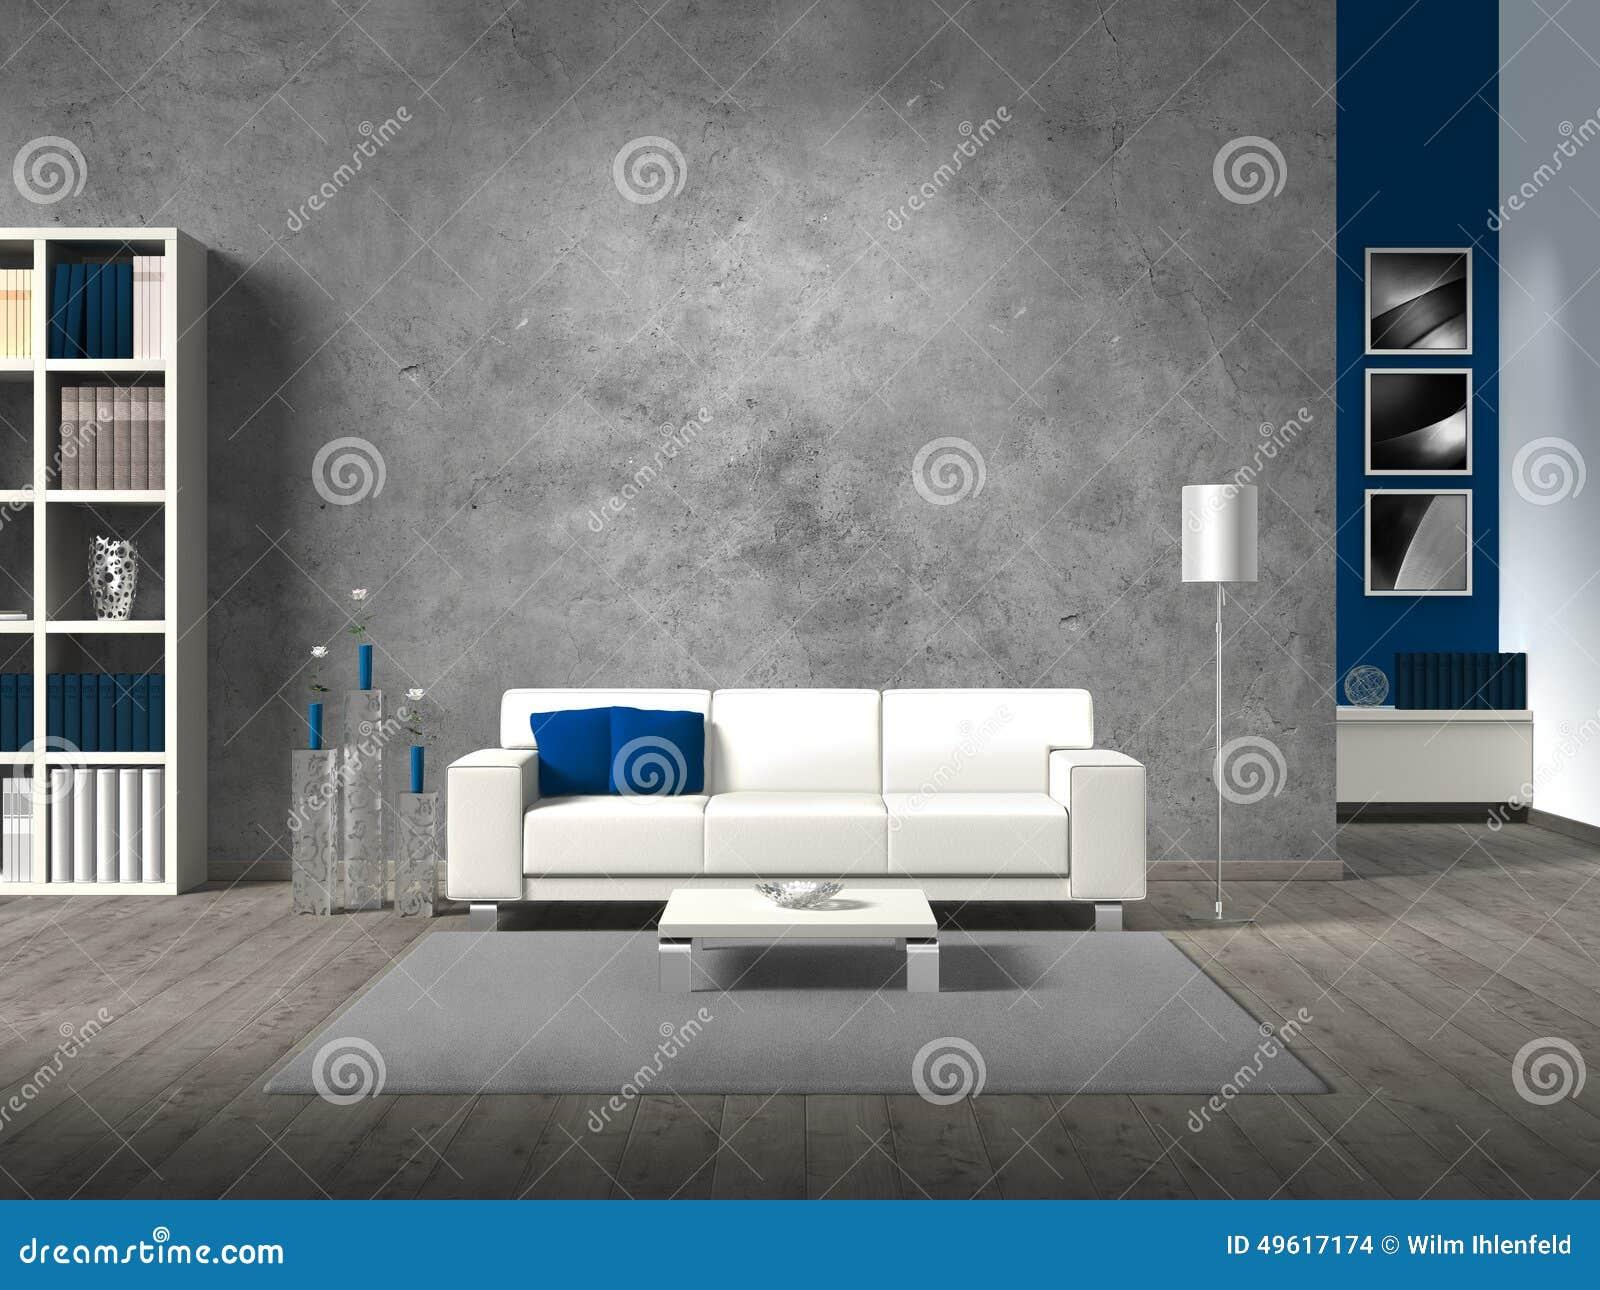 Modernes wohnzimmer mit betonmauer stock abbildung illustration